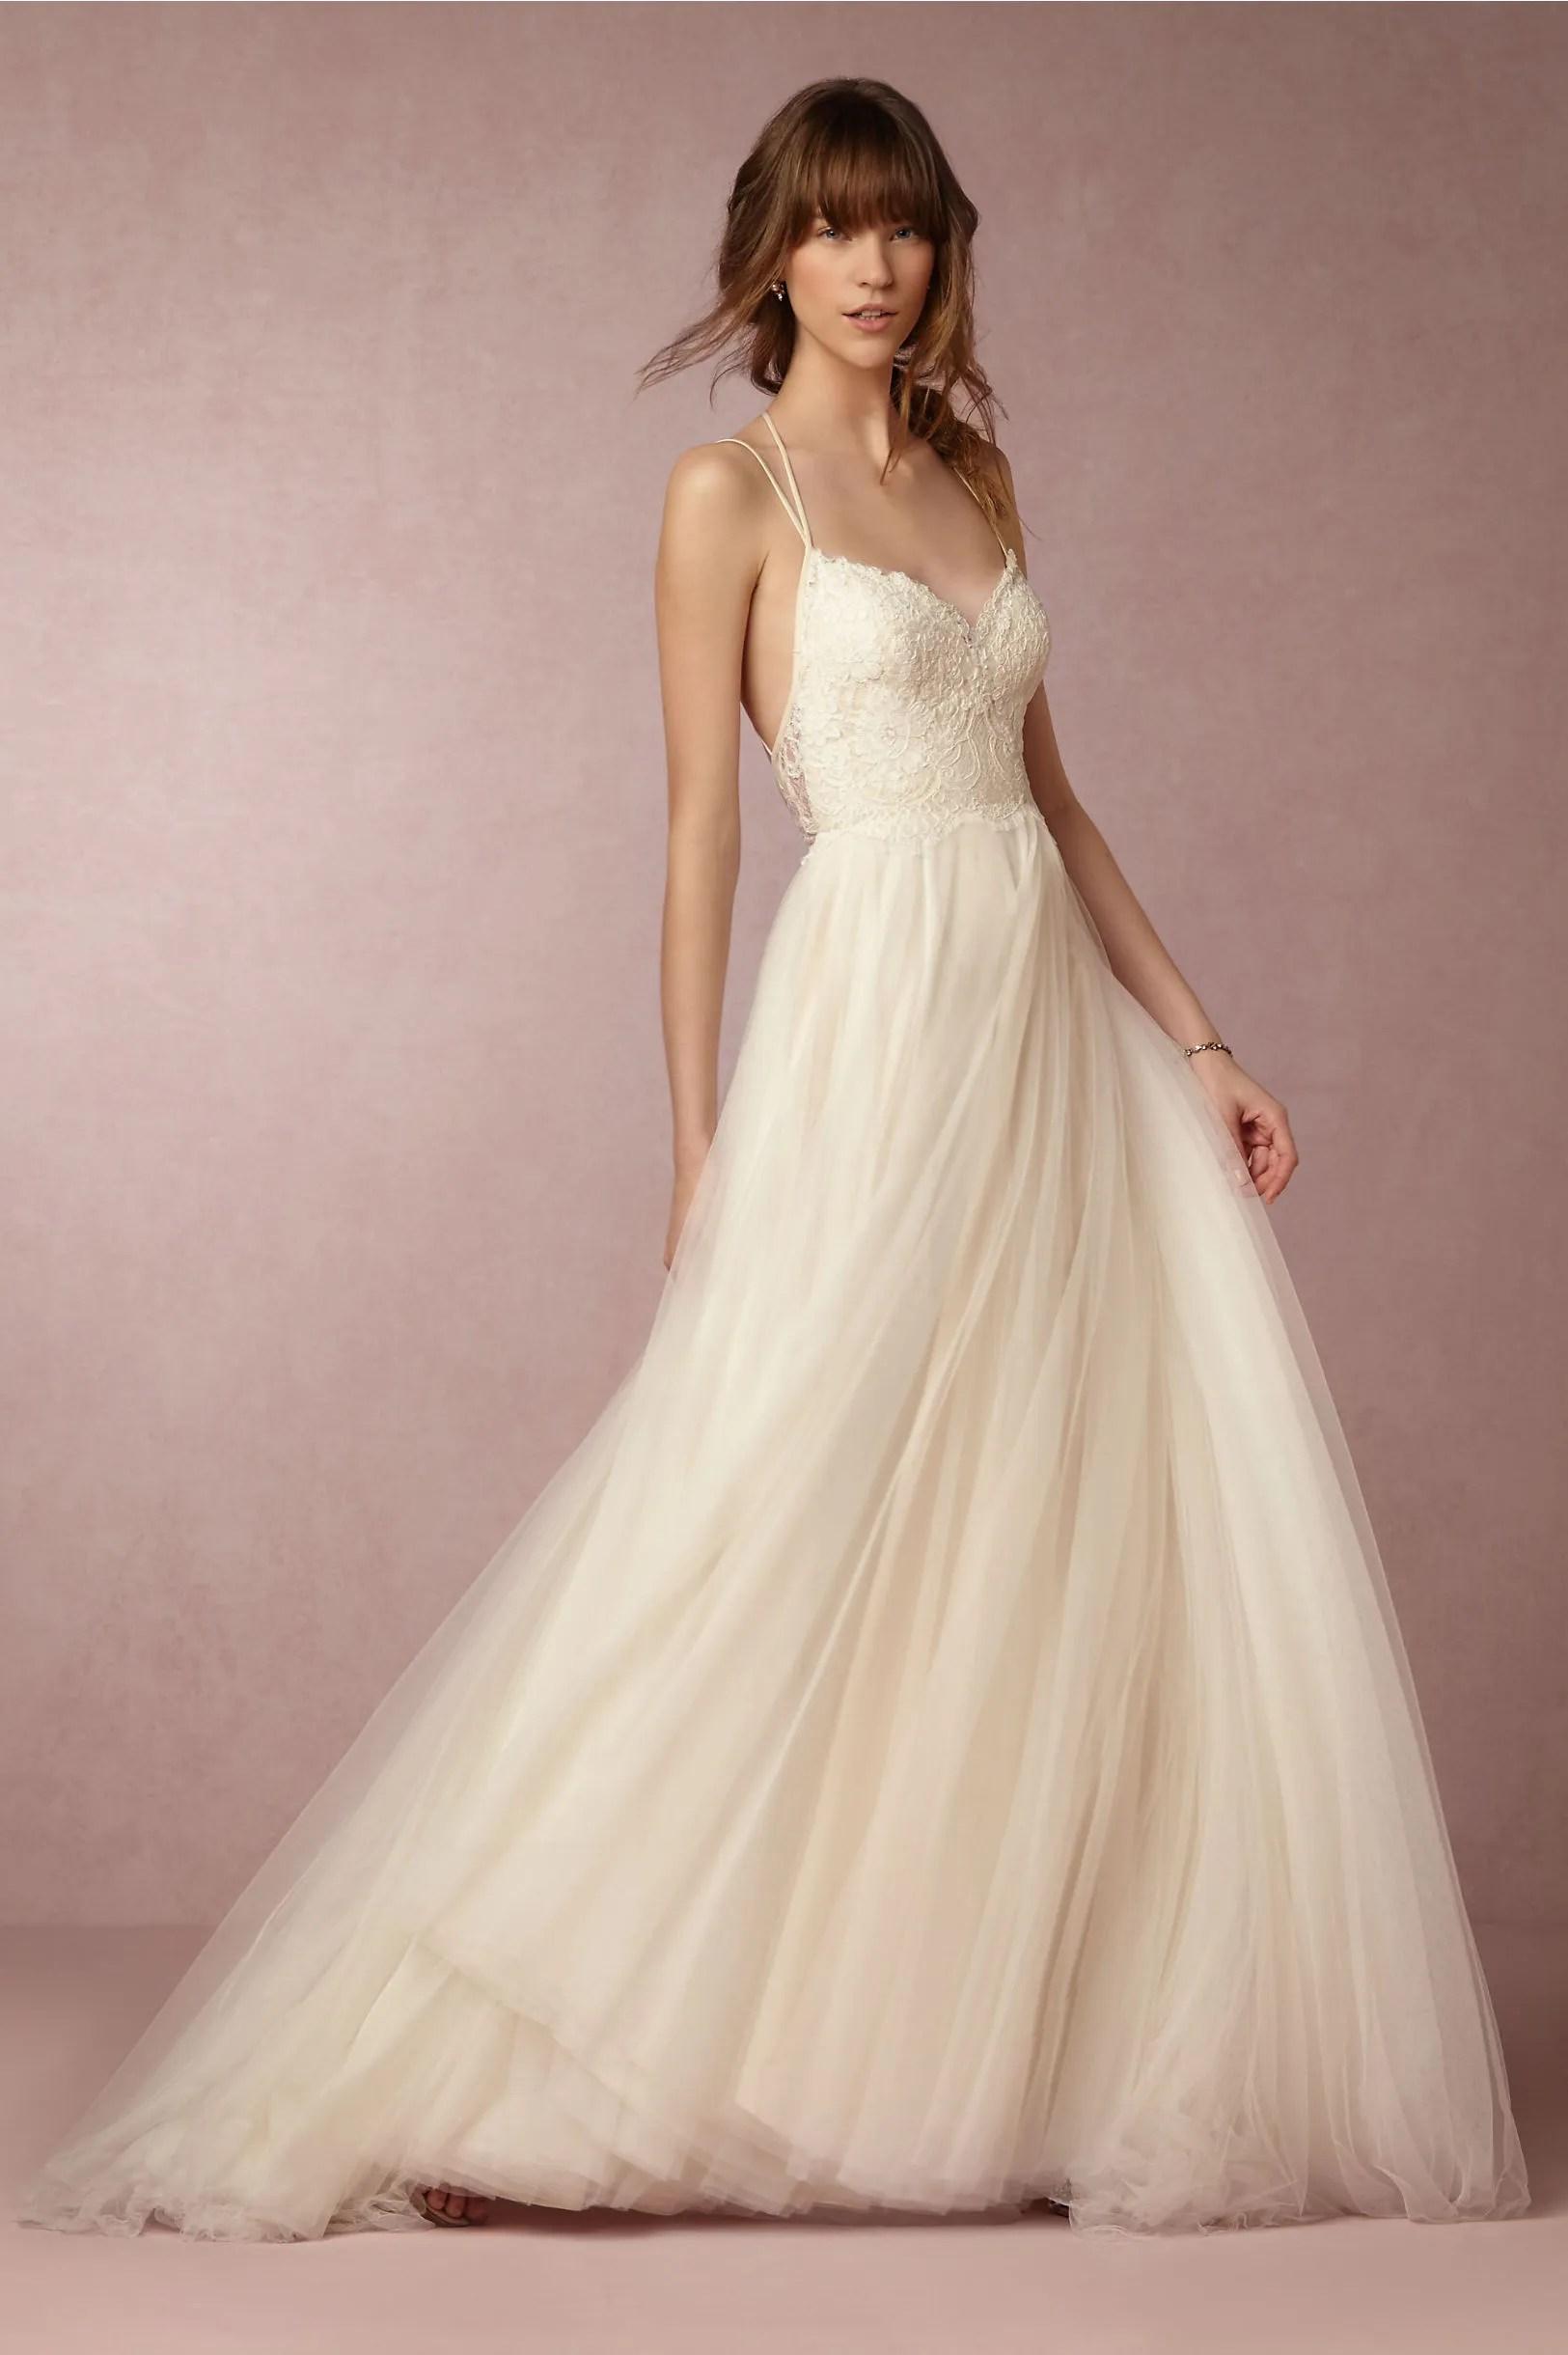 october wedding dresses october wedding dresses raspberry full length bridesmaid dresses libra september 24 to october 23